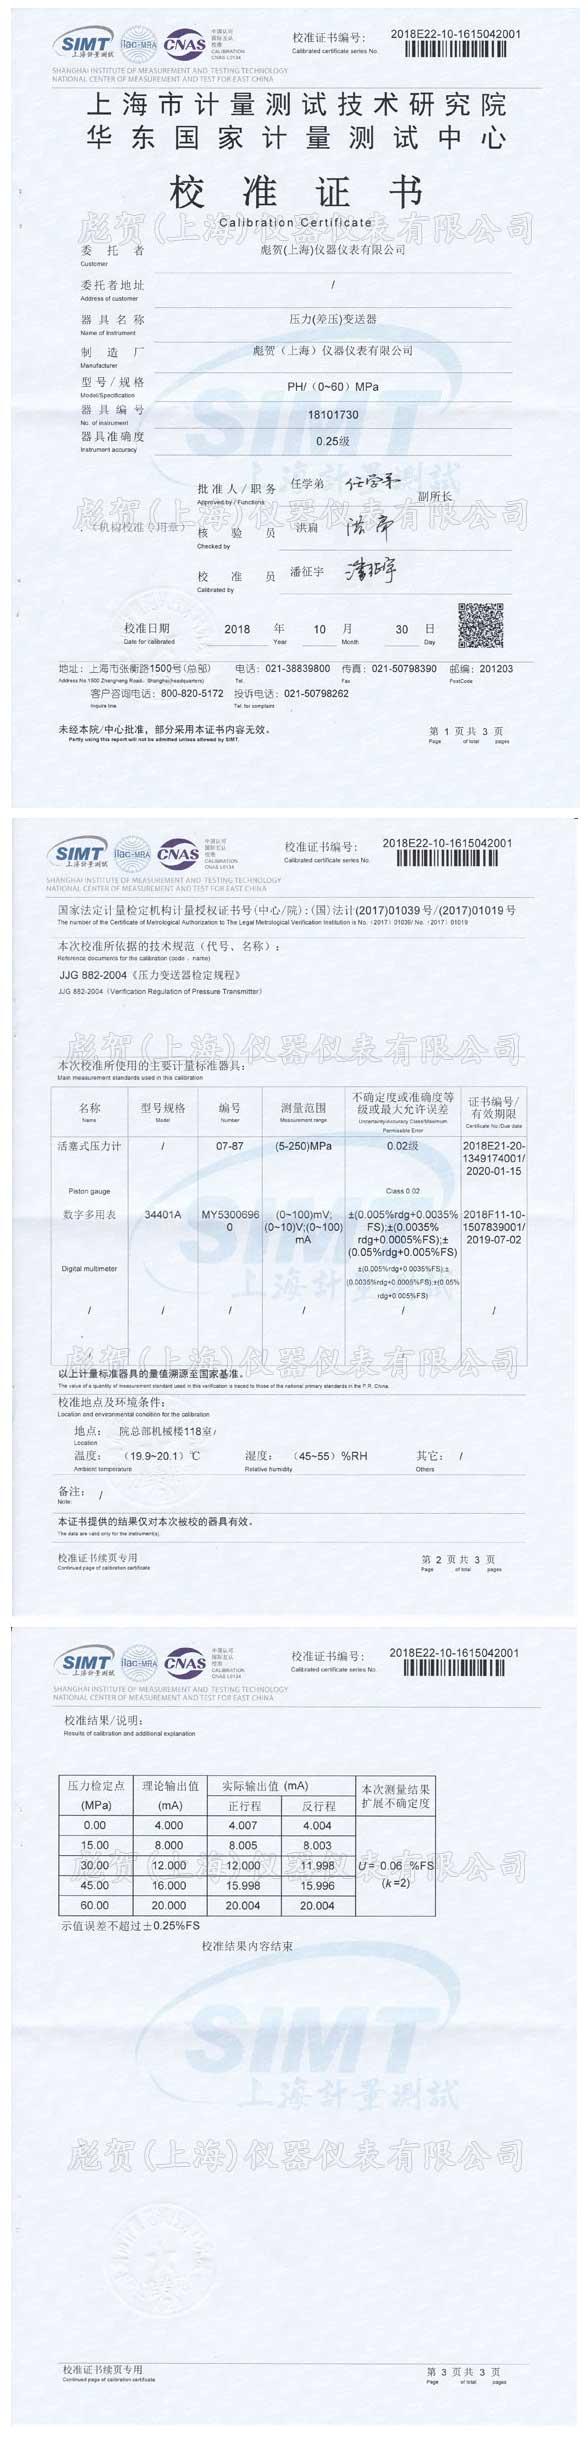 压力传感器第三方检测证书